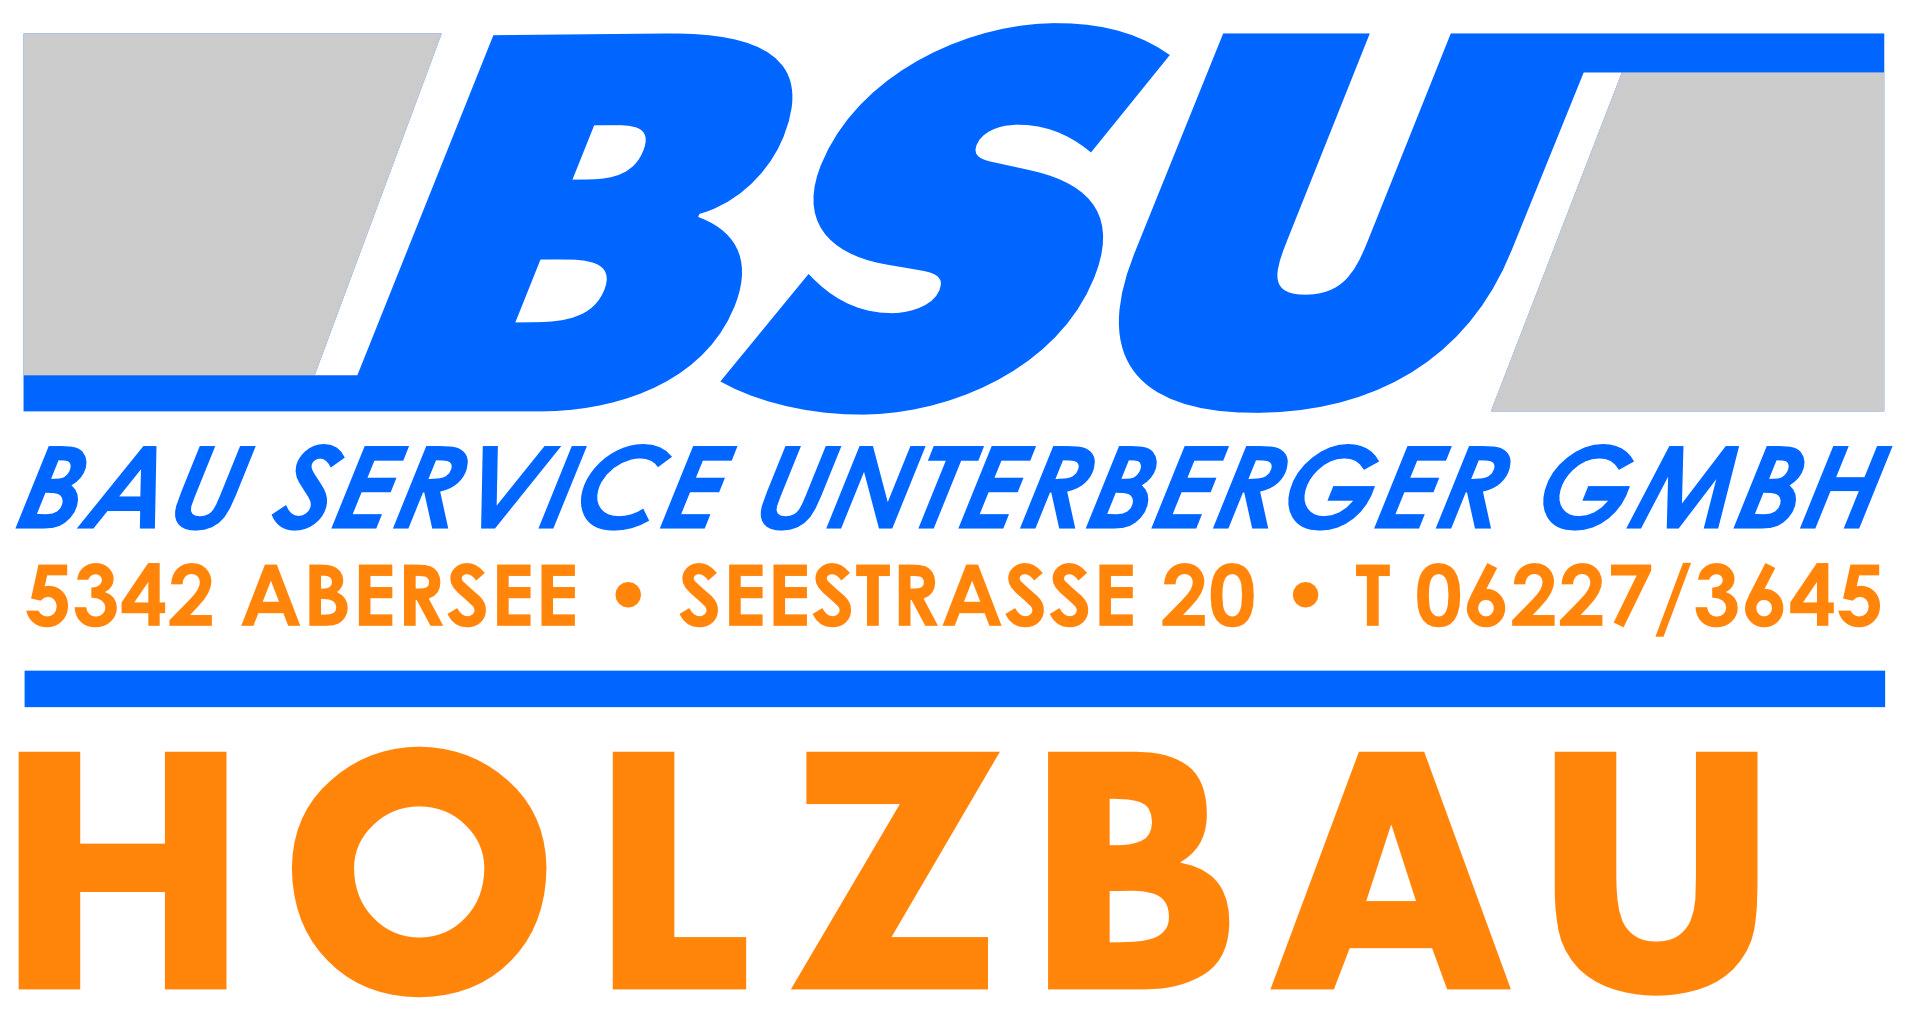 BSU Bau Logo